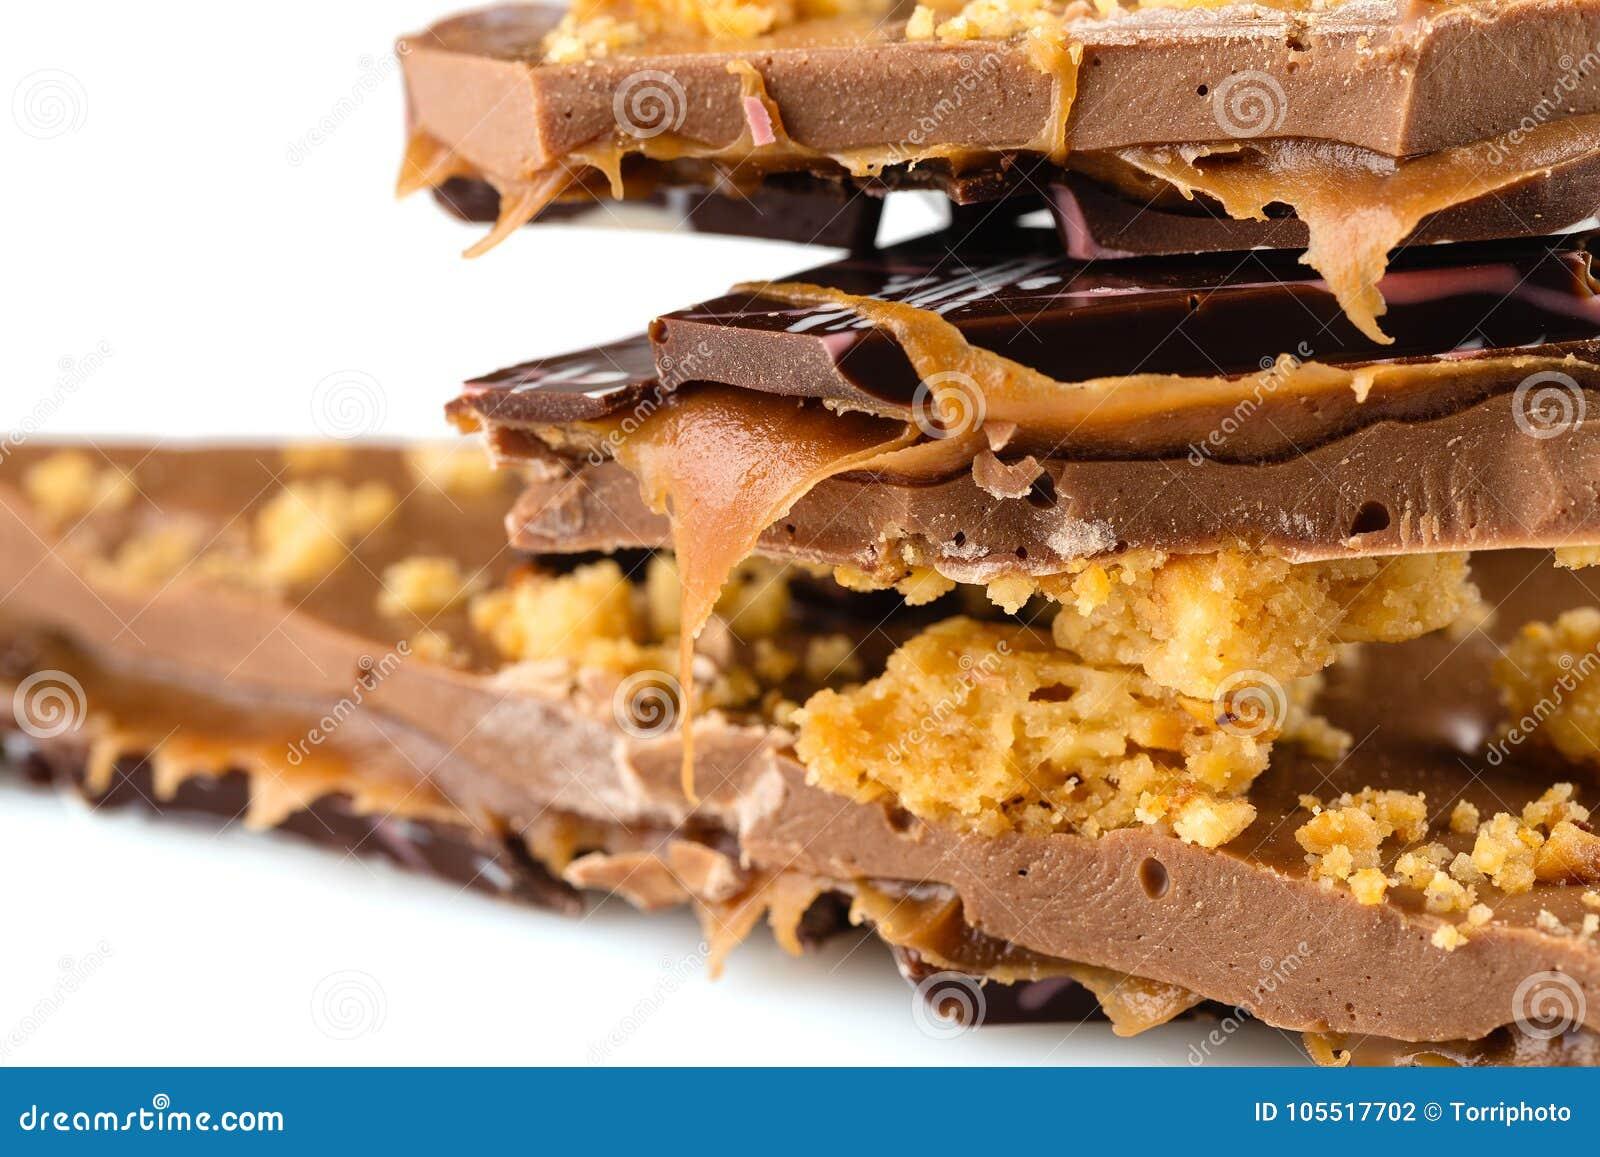 Lyxig handgjord chokladstång med ljusbrun smula- och karamellfil